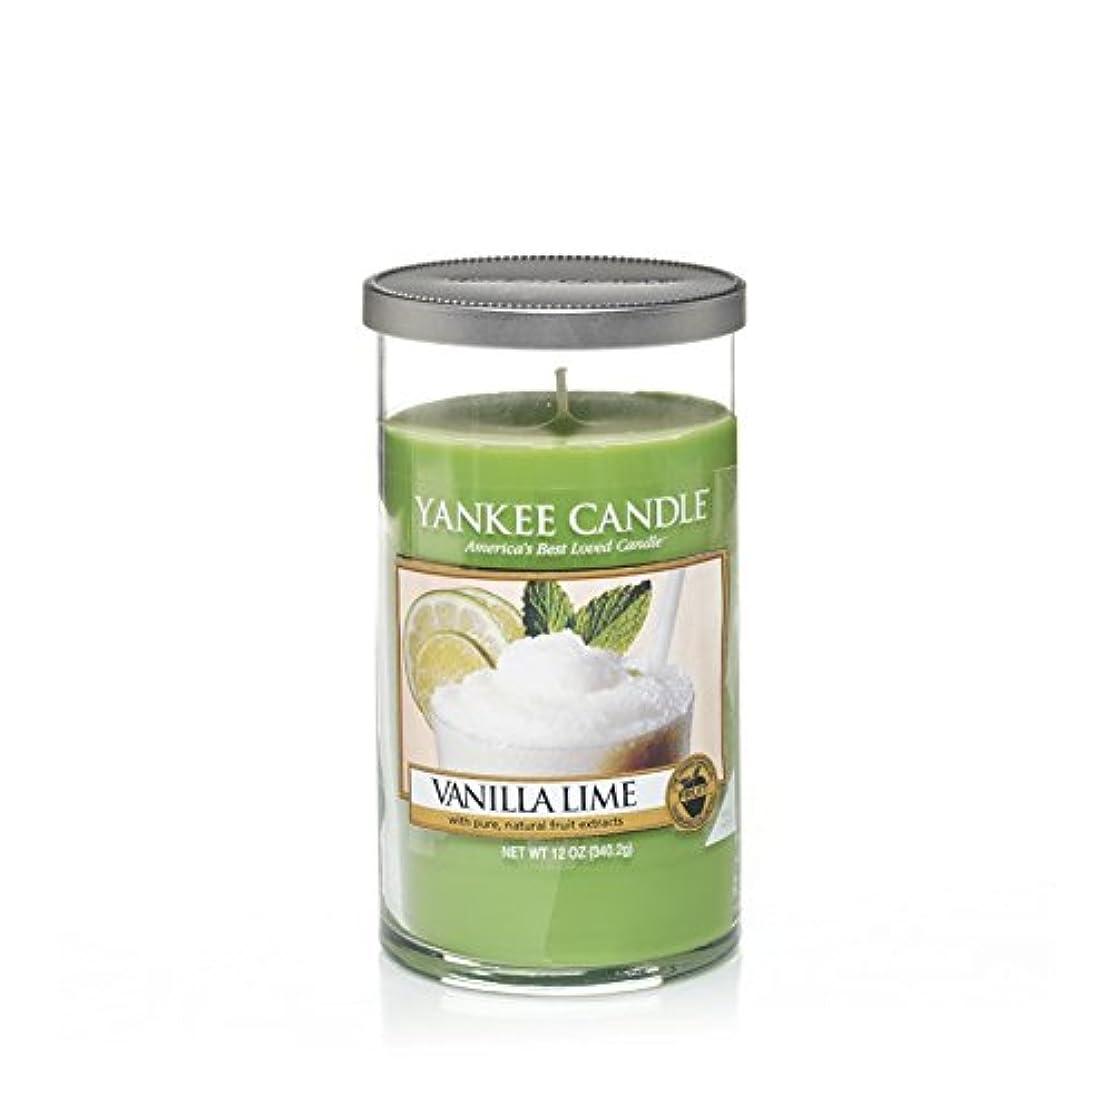 原因振り向く叙情的なYankee Candles Medium Pillar Candle - Vanilla Lime (Pack of 2) - ヤンキーキャンドルメディアピラーキャンドル - バニラライム (x2) [並行輸入品]